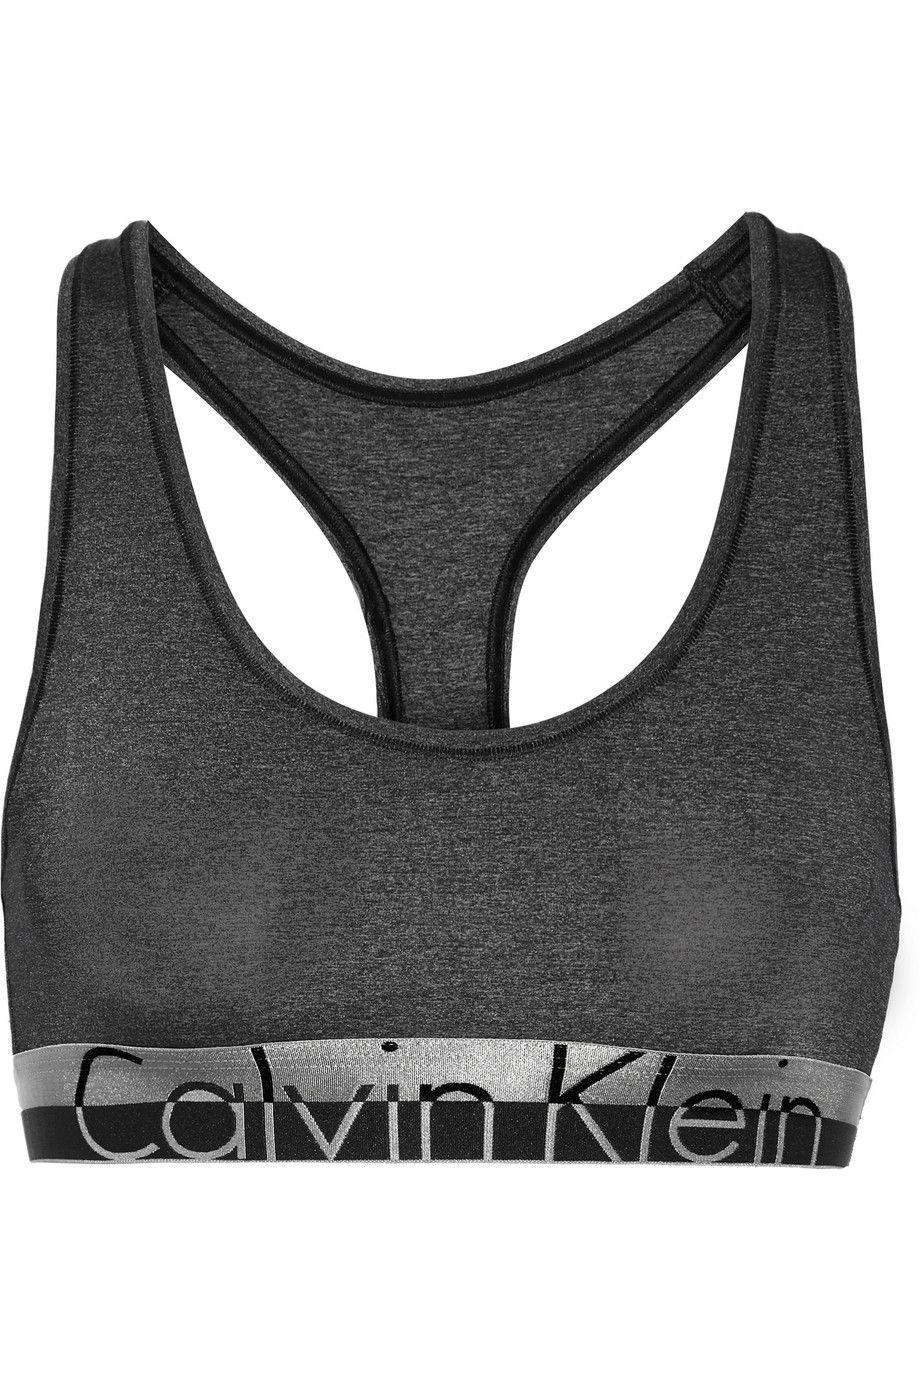 91270adae1abd Calvin Klein Underwear